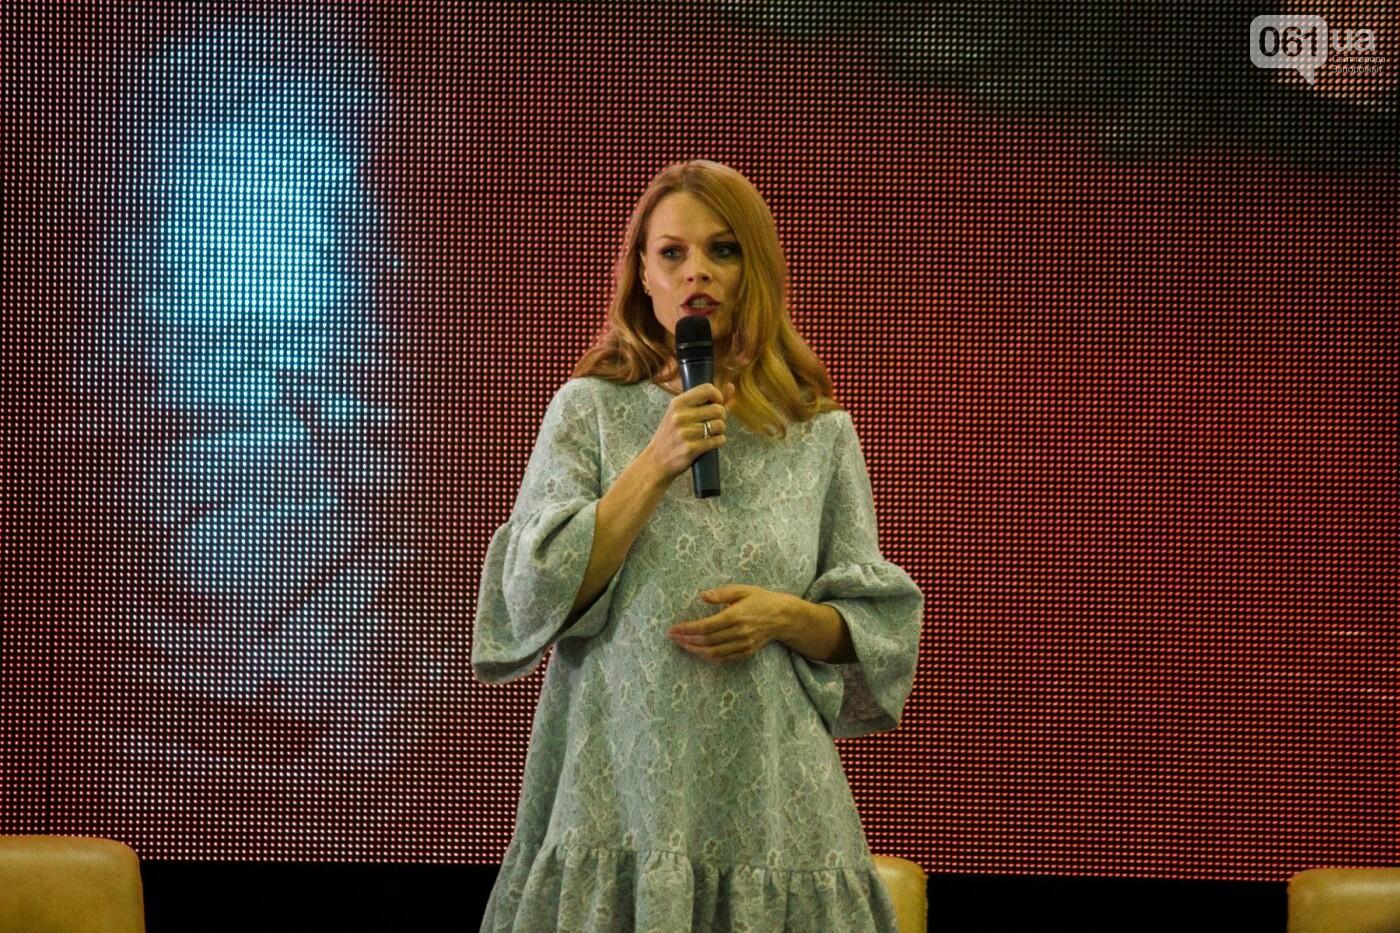 Запорожский Туристический Форум посетила телеведущая Ольга Фреймут, - ФОТОРЕПОРТАЖ, фото-21